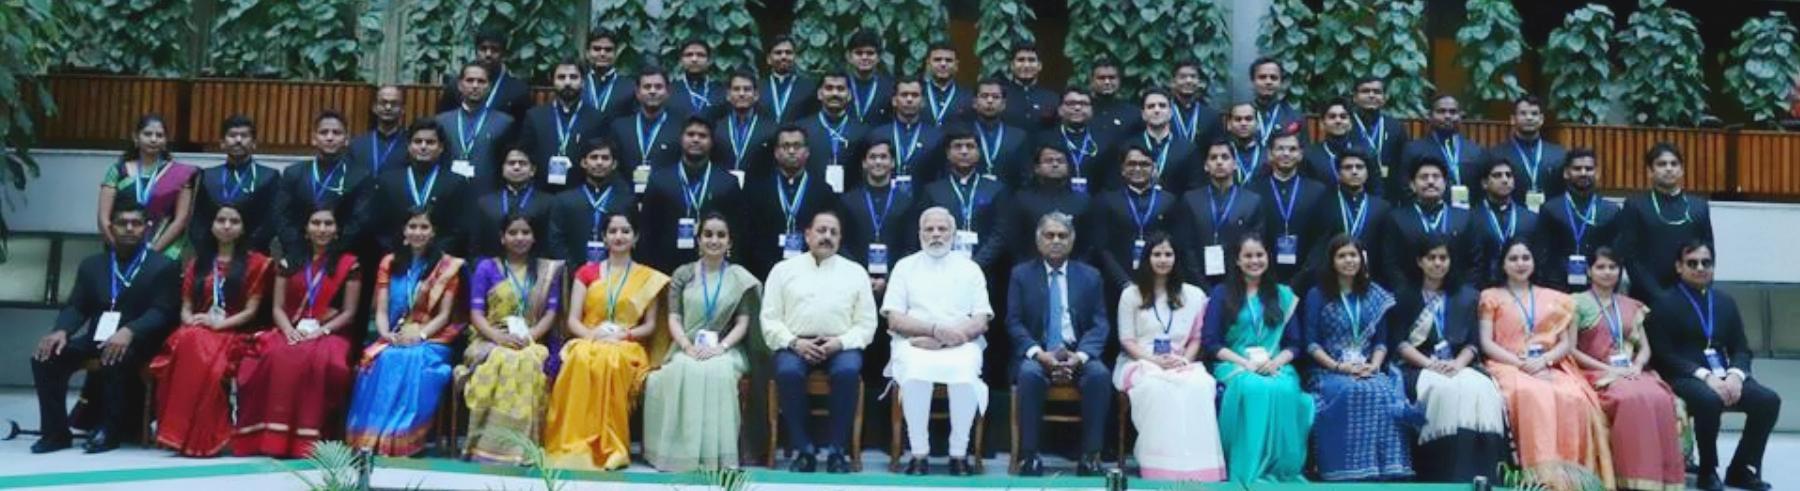 माननीय प्रधानमंत्री की अध्यक्षता में दिनांक 04.07.2018 को सहायक सचिवों (वर्ष 2016 बैच के आईएएस अधिकारियों) के शुभारम्भ सत्र का आयोजन |